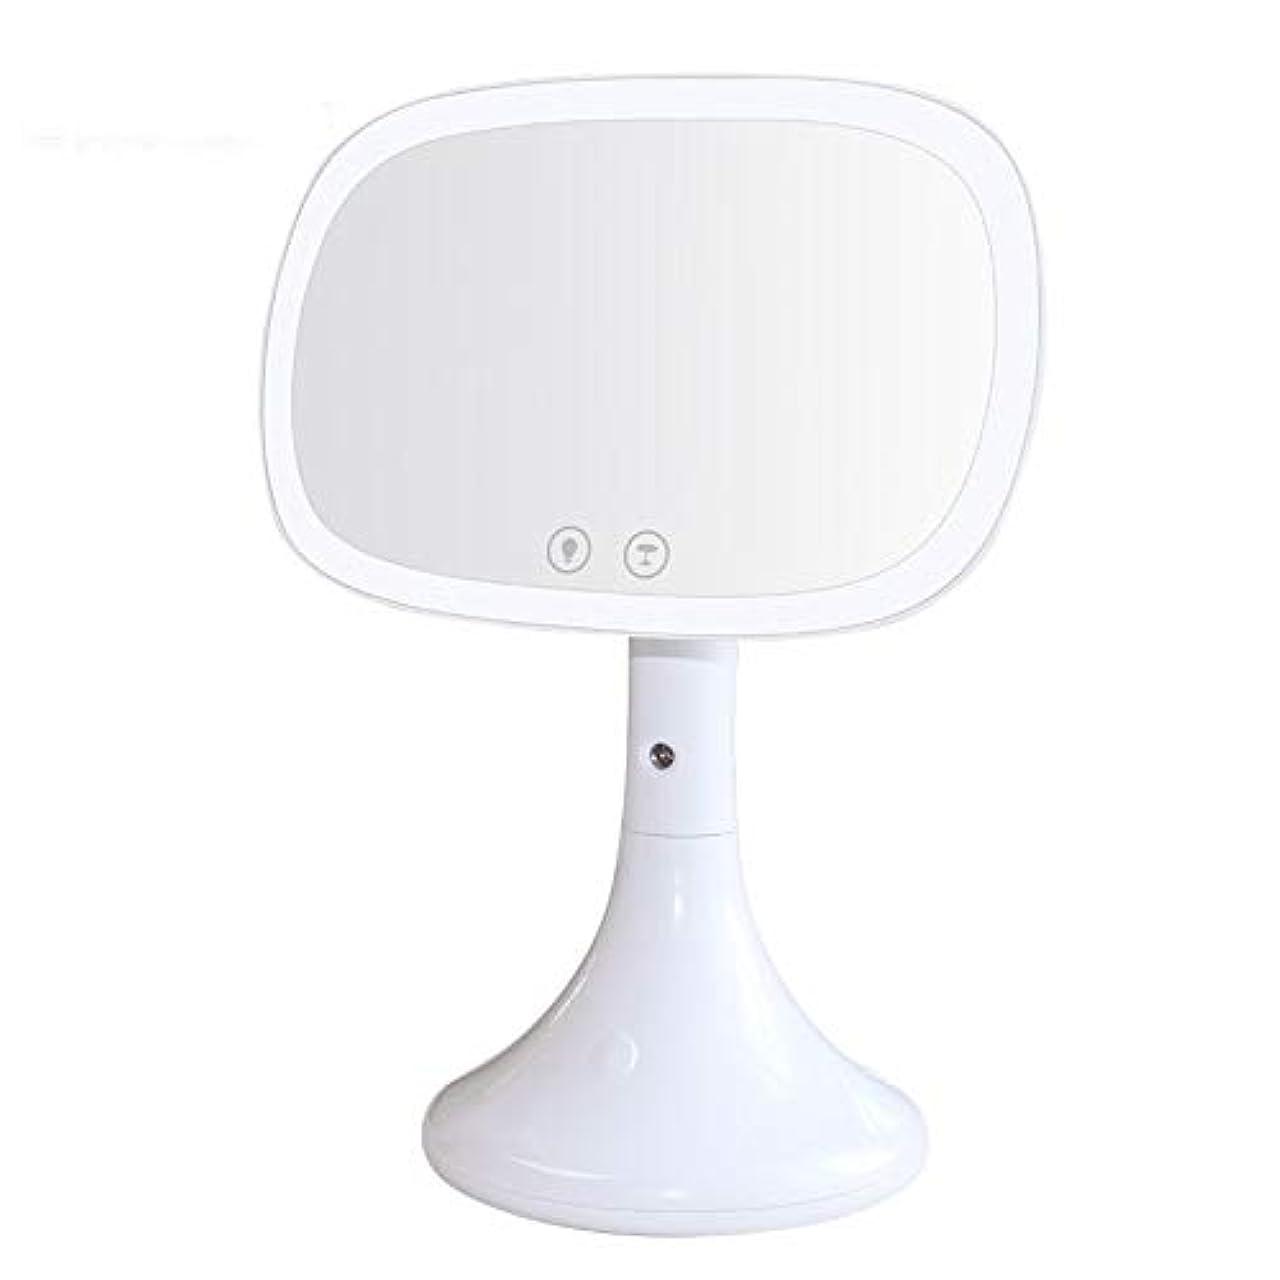 望ましい選択したい流行の USBデスクトップ化粧鏡LED美容保湿化粧鏡水スプレーホワイトピンク (色 : White)